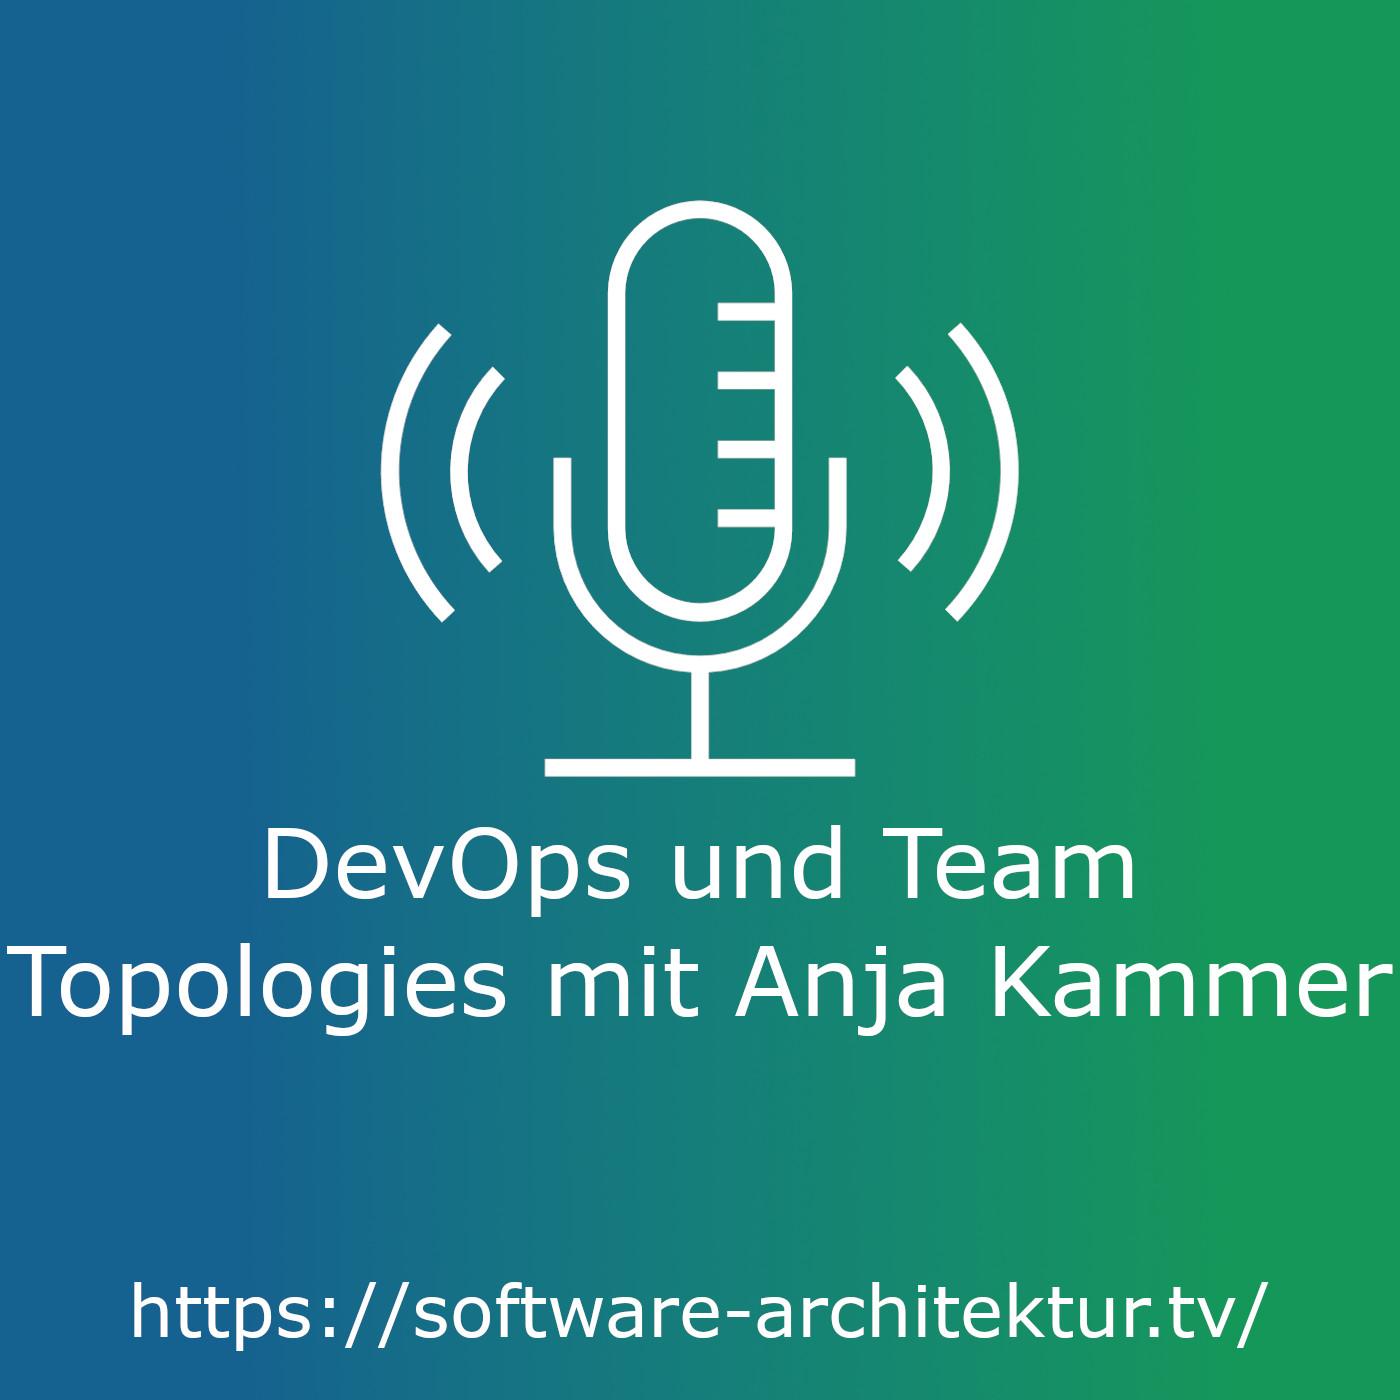 DevOps und Team Topologies mit Anja Kammer